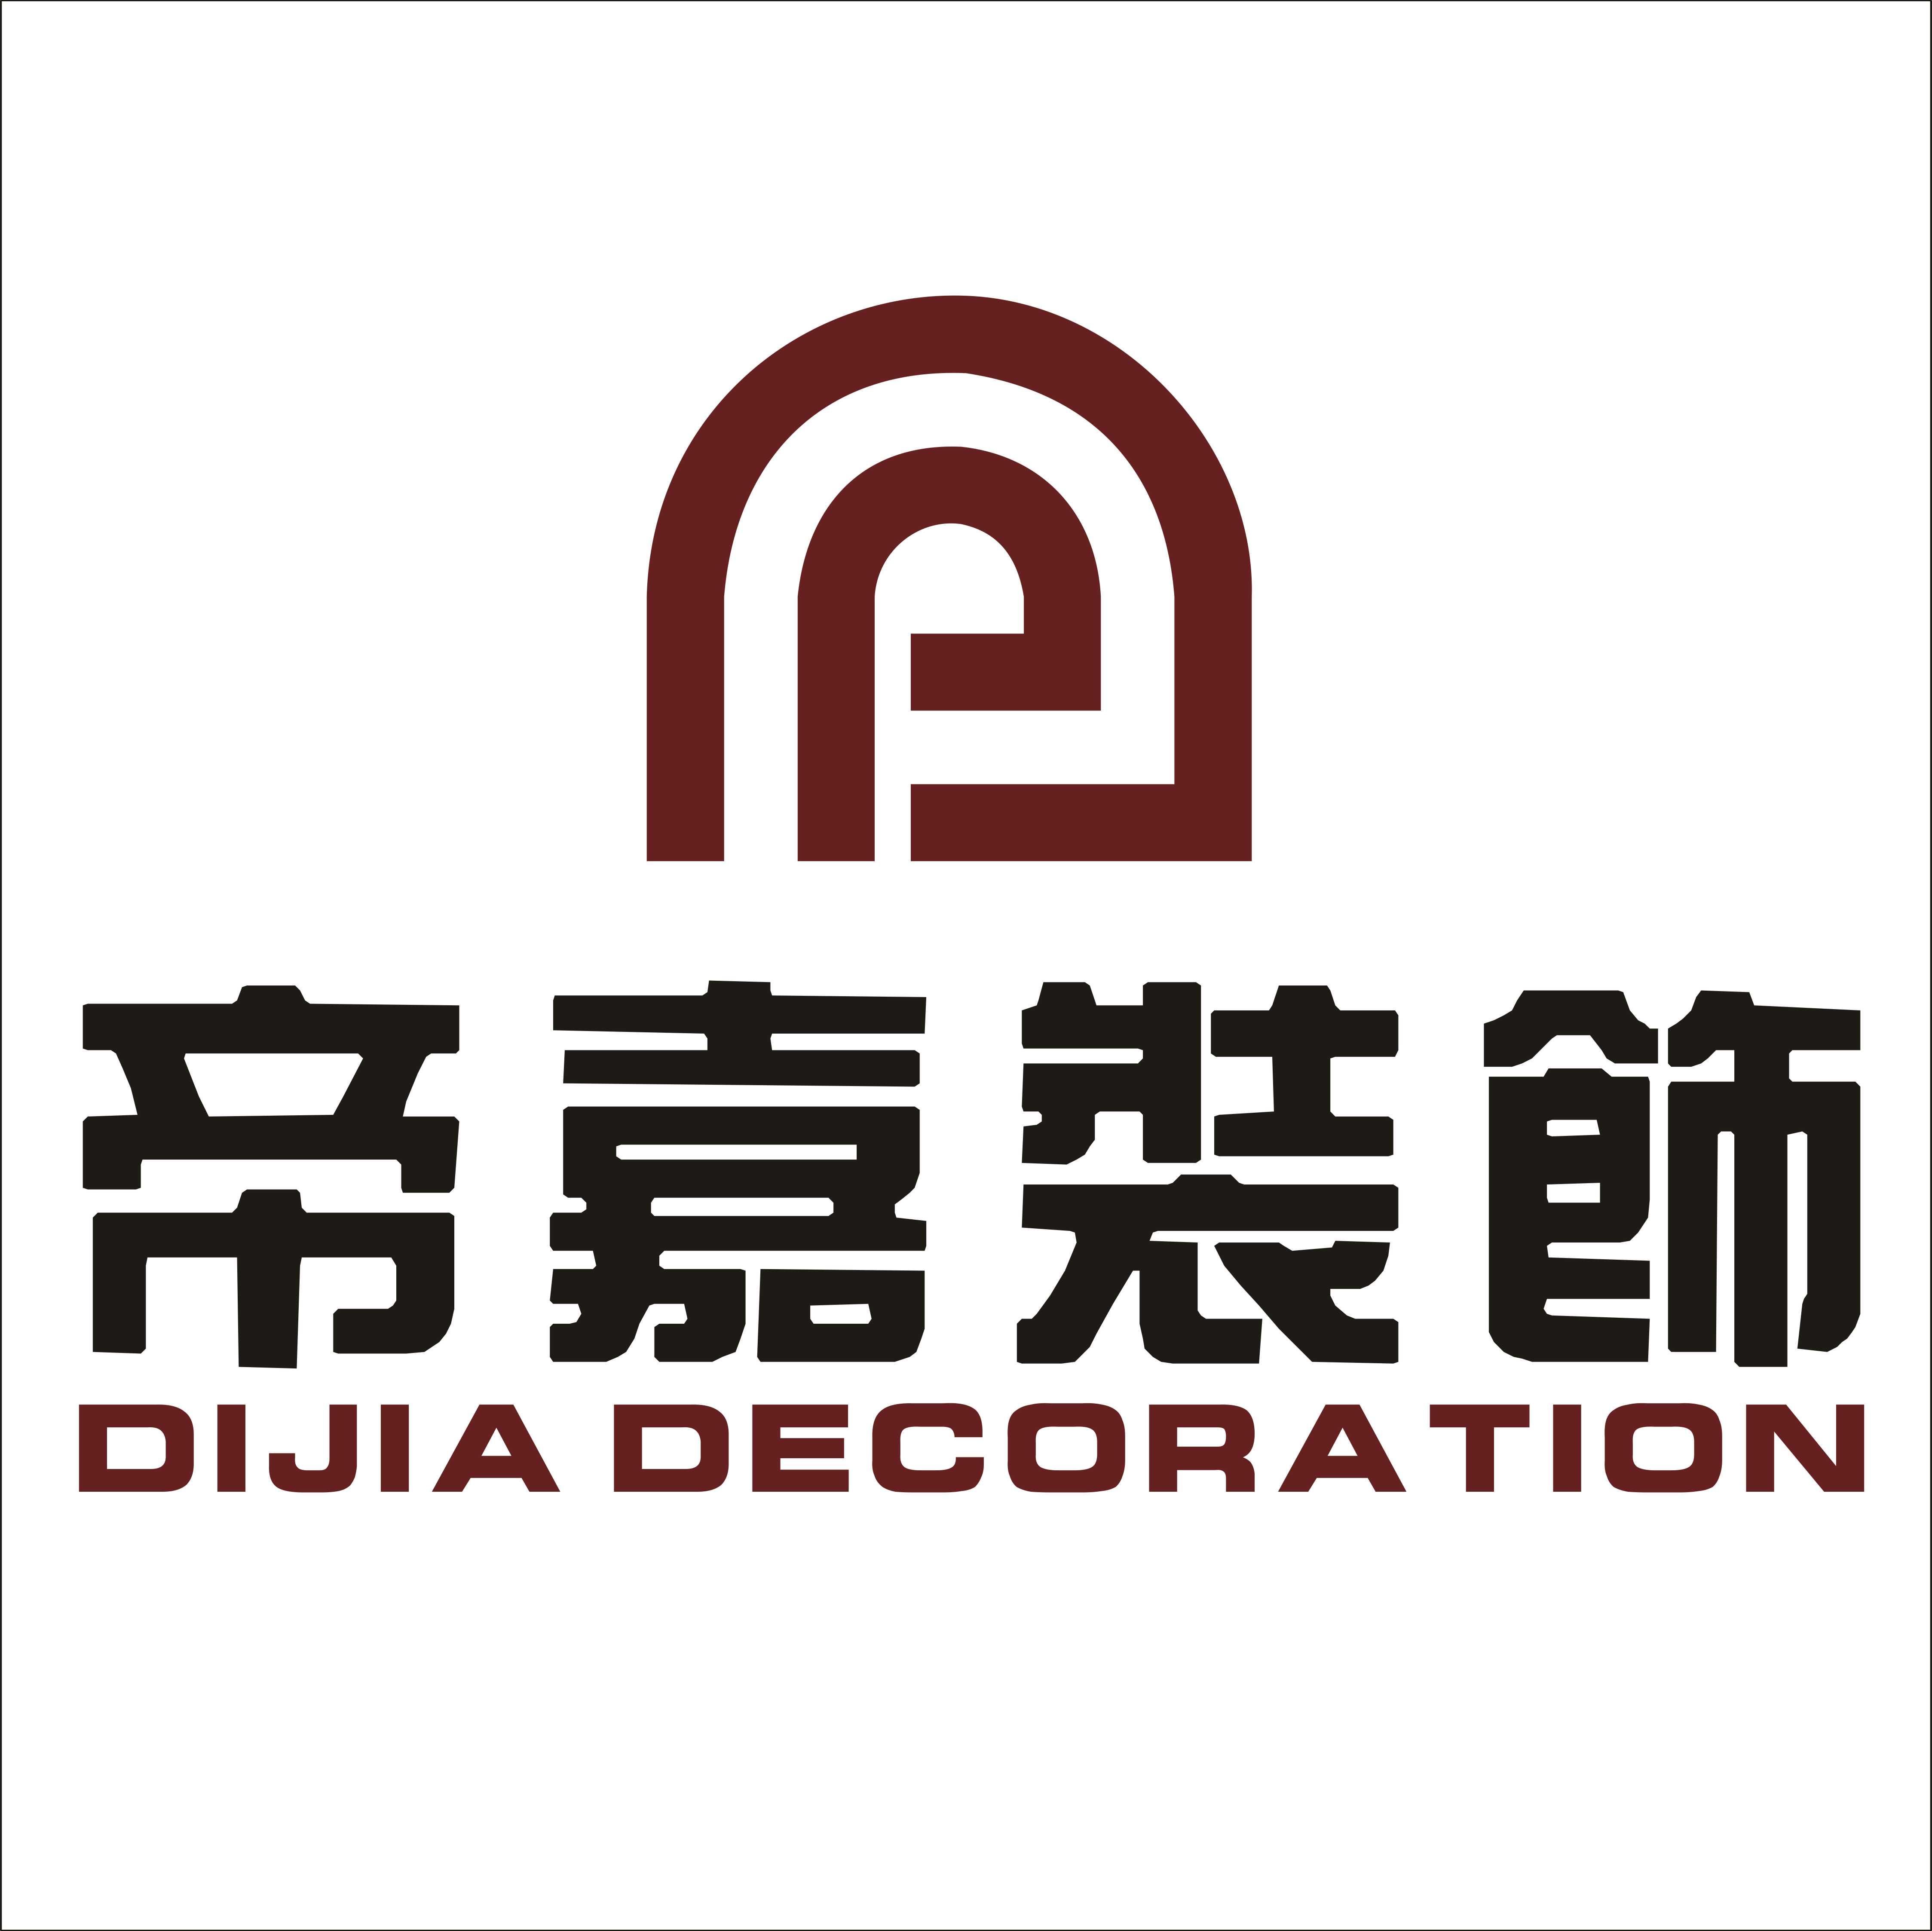 杭州帝嘉装饰设计有限公司一直以追求卓越的设计水平及提供专业可靠的